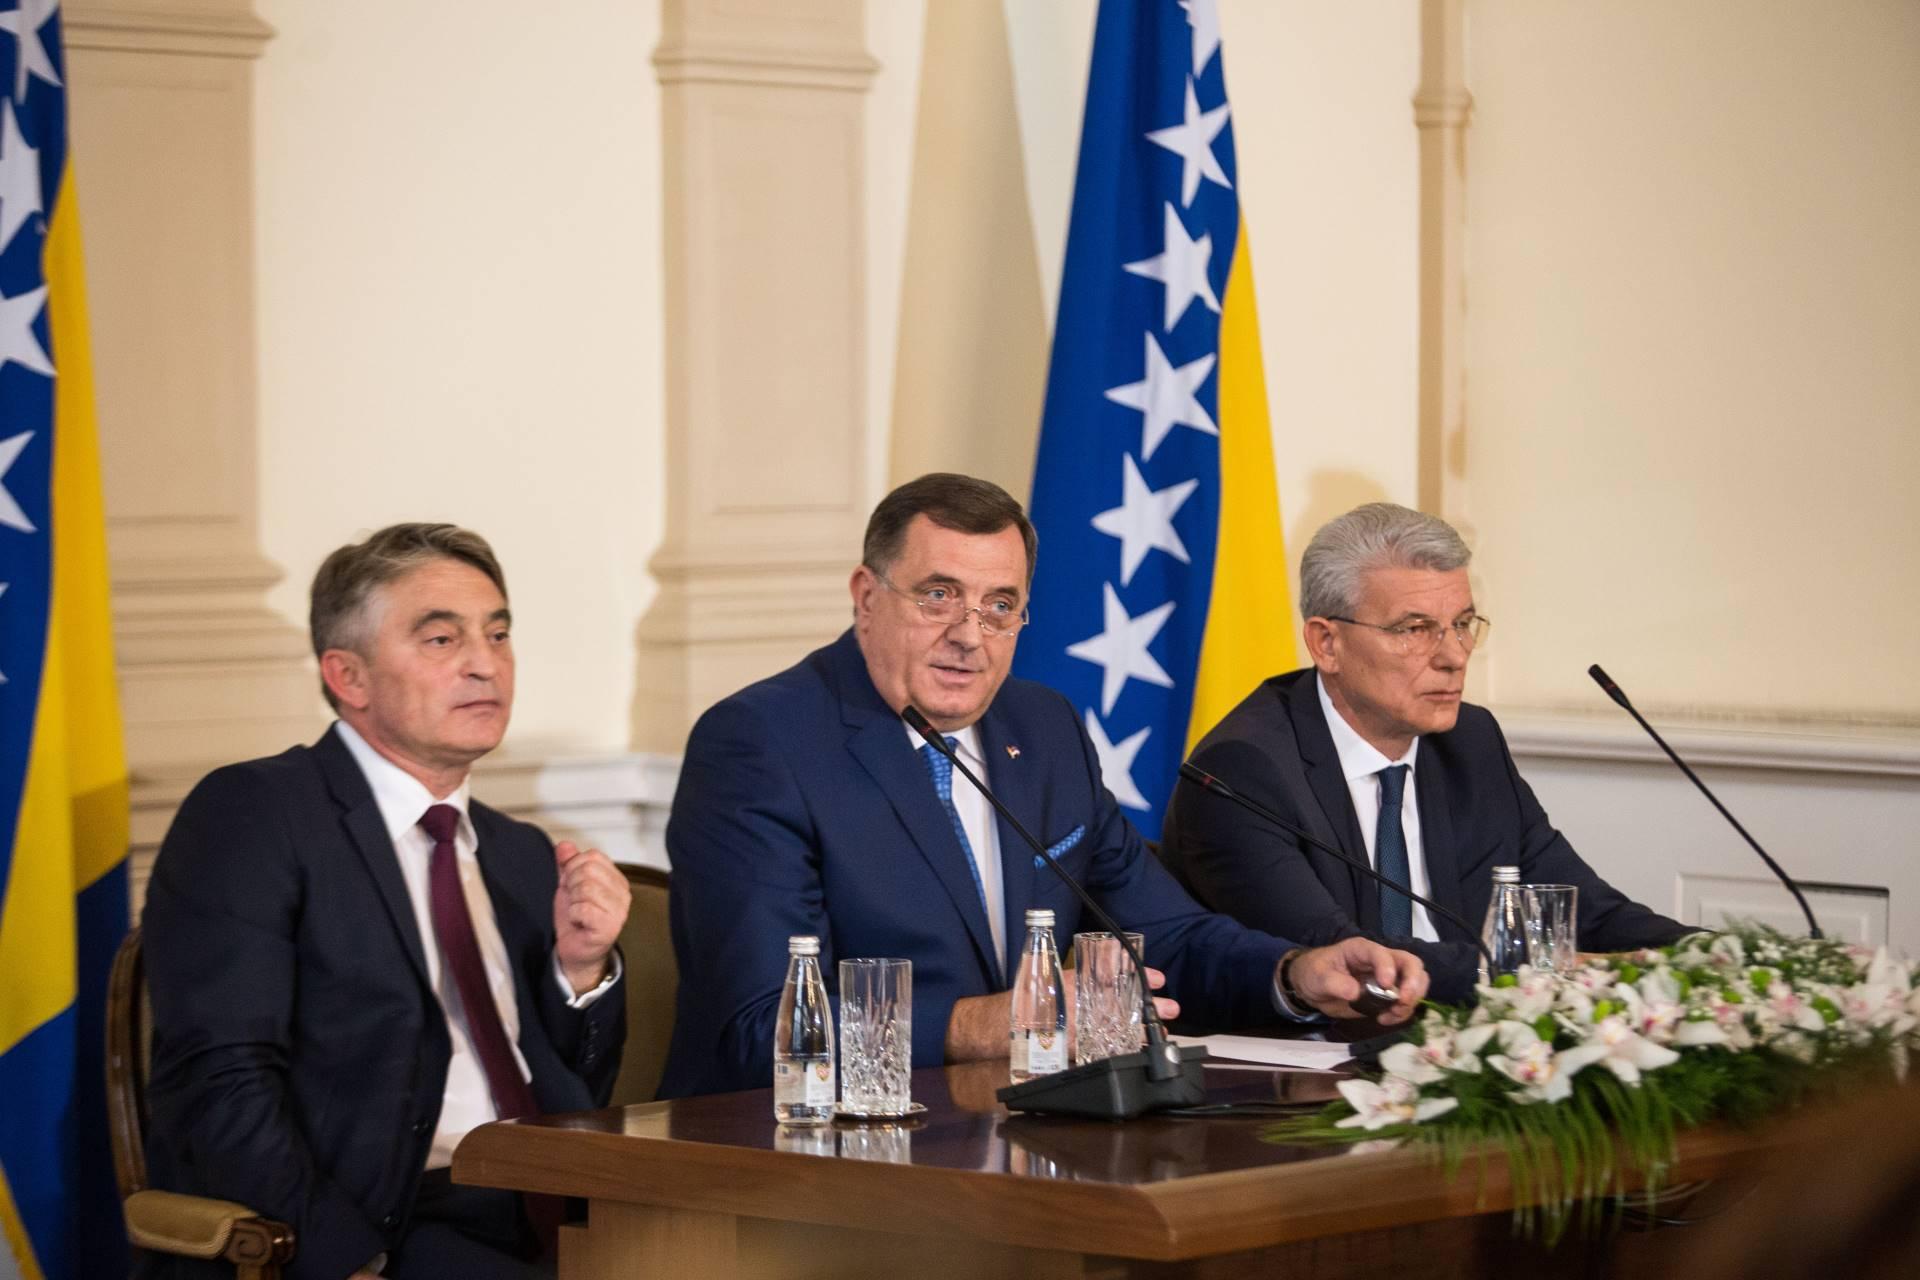 Opusti se, narode Kašmira! Predsjedništvo BiH izrazilo zabrinutost